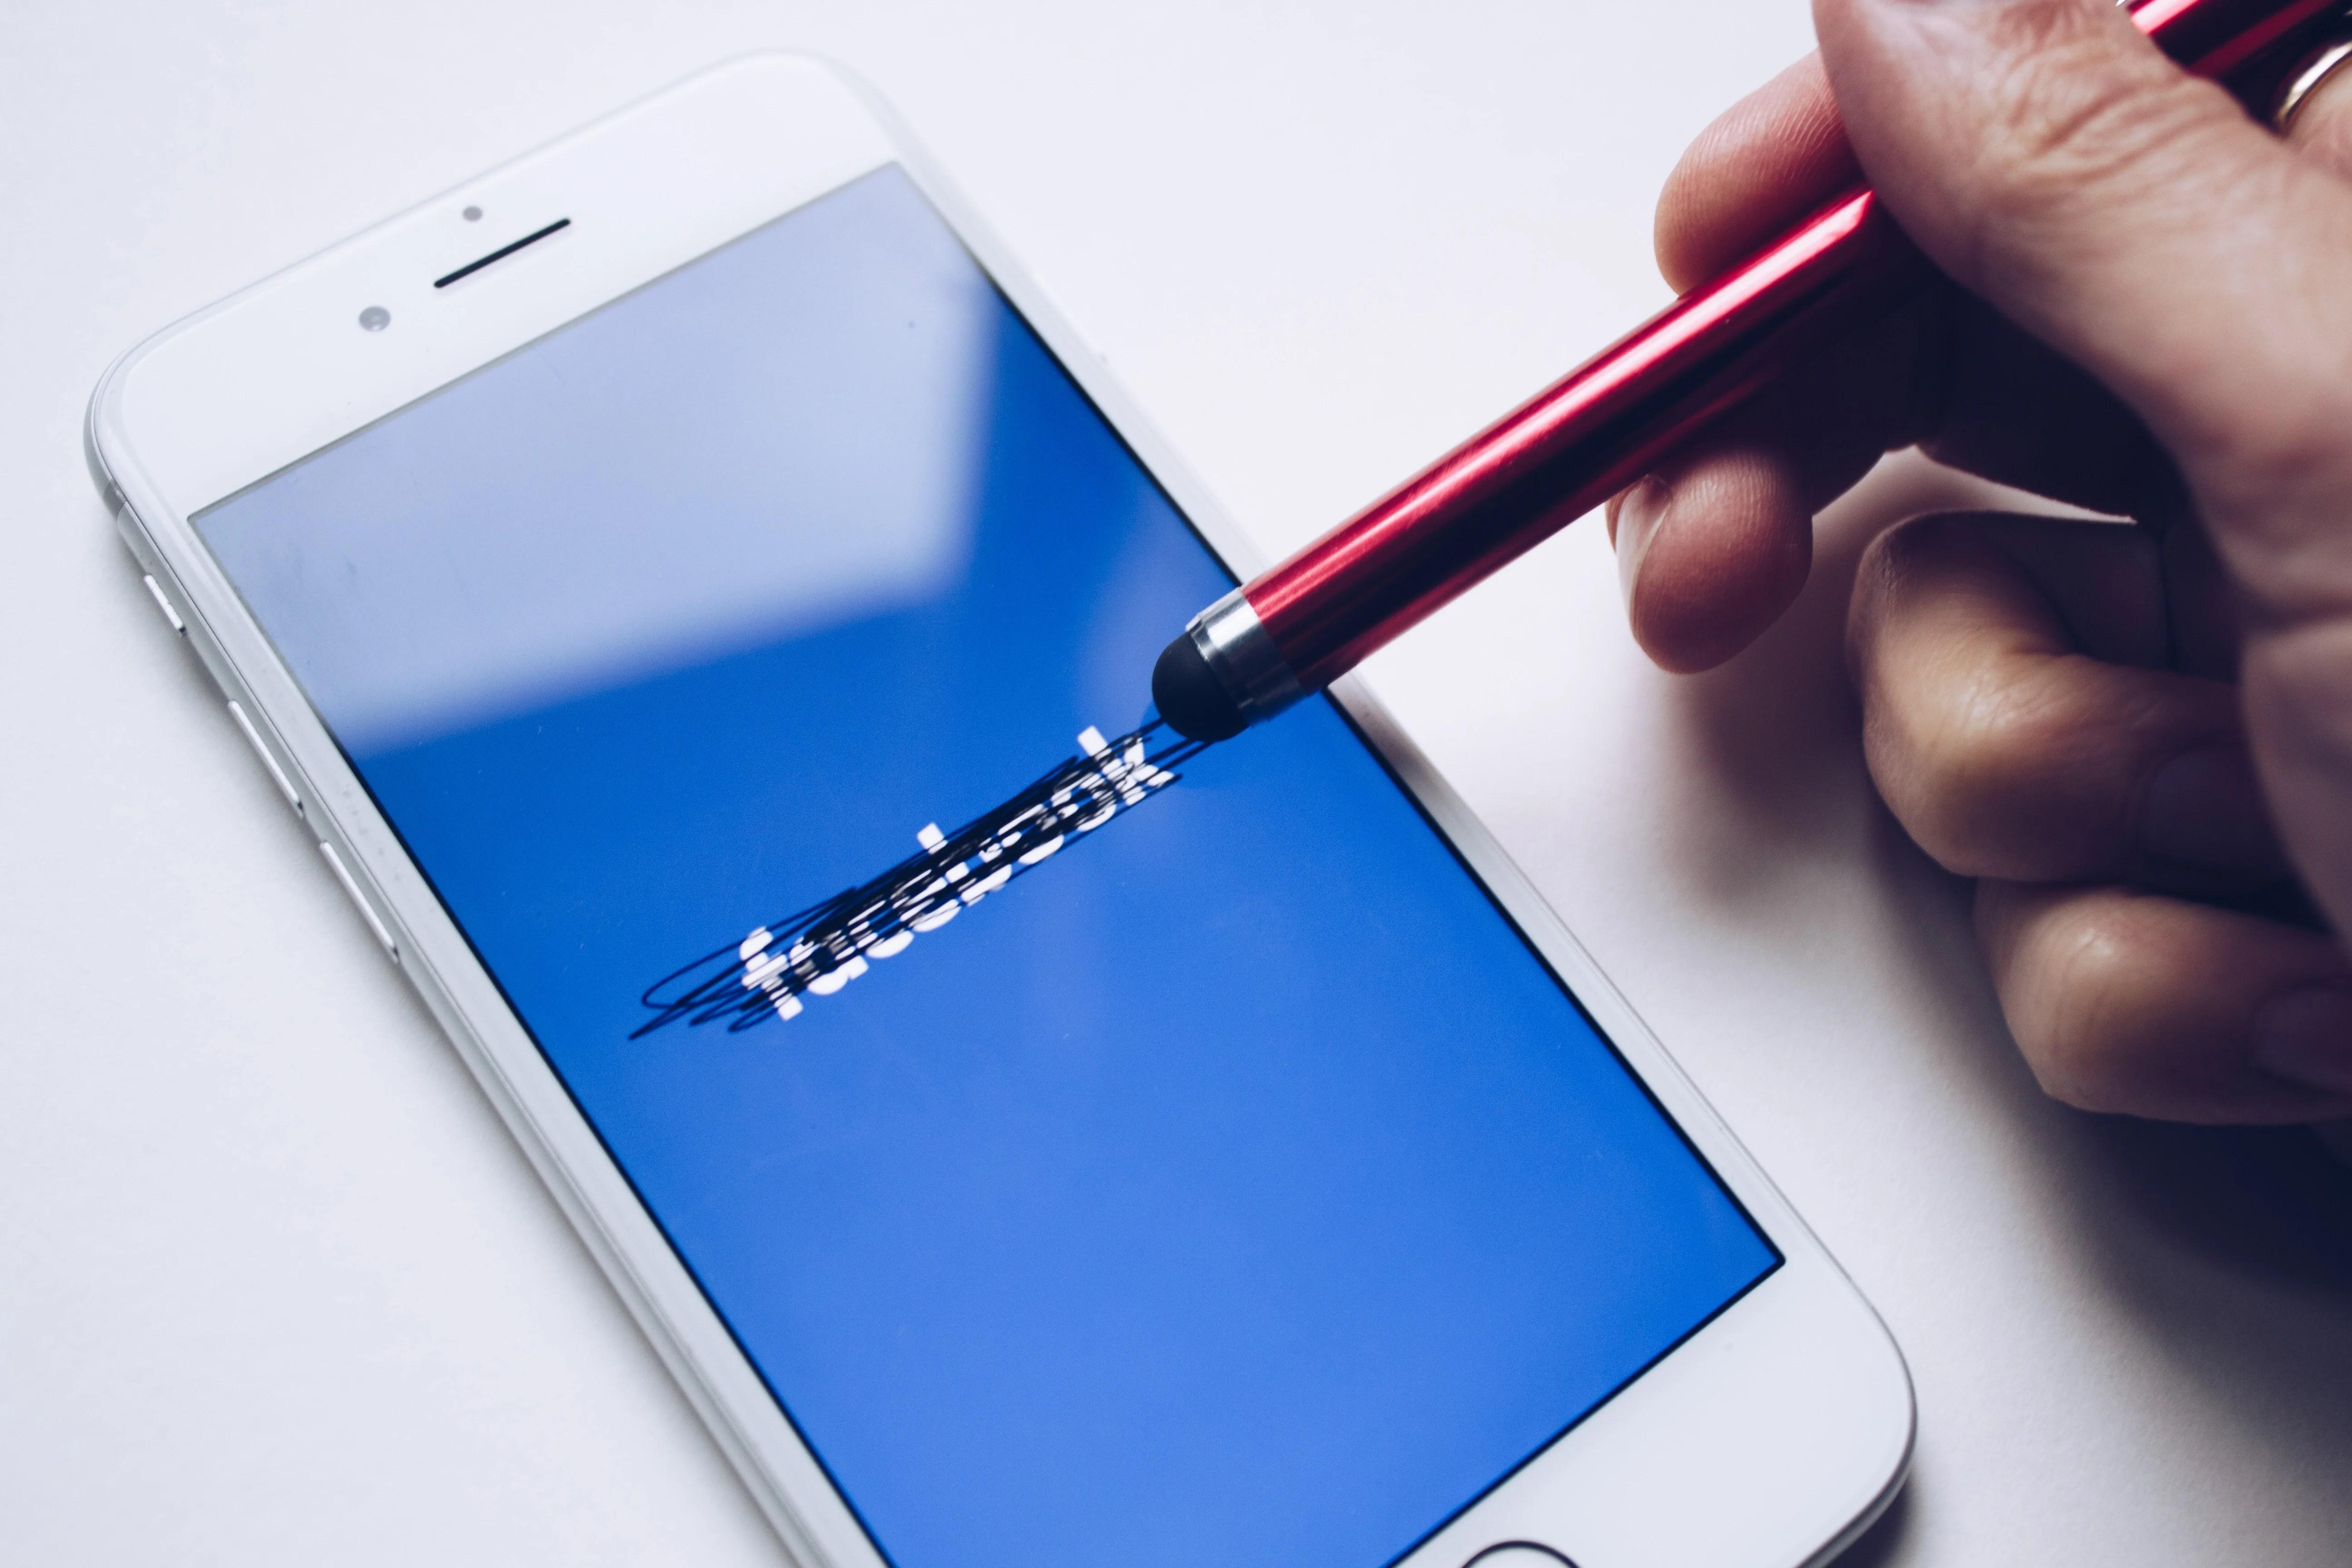 Finalement, ce sont 1,35 % des utilisateurs Facebook qui ont été hackés